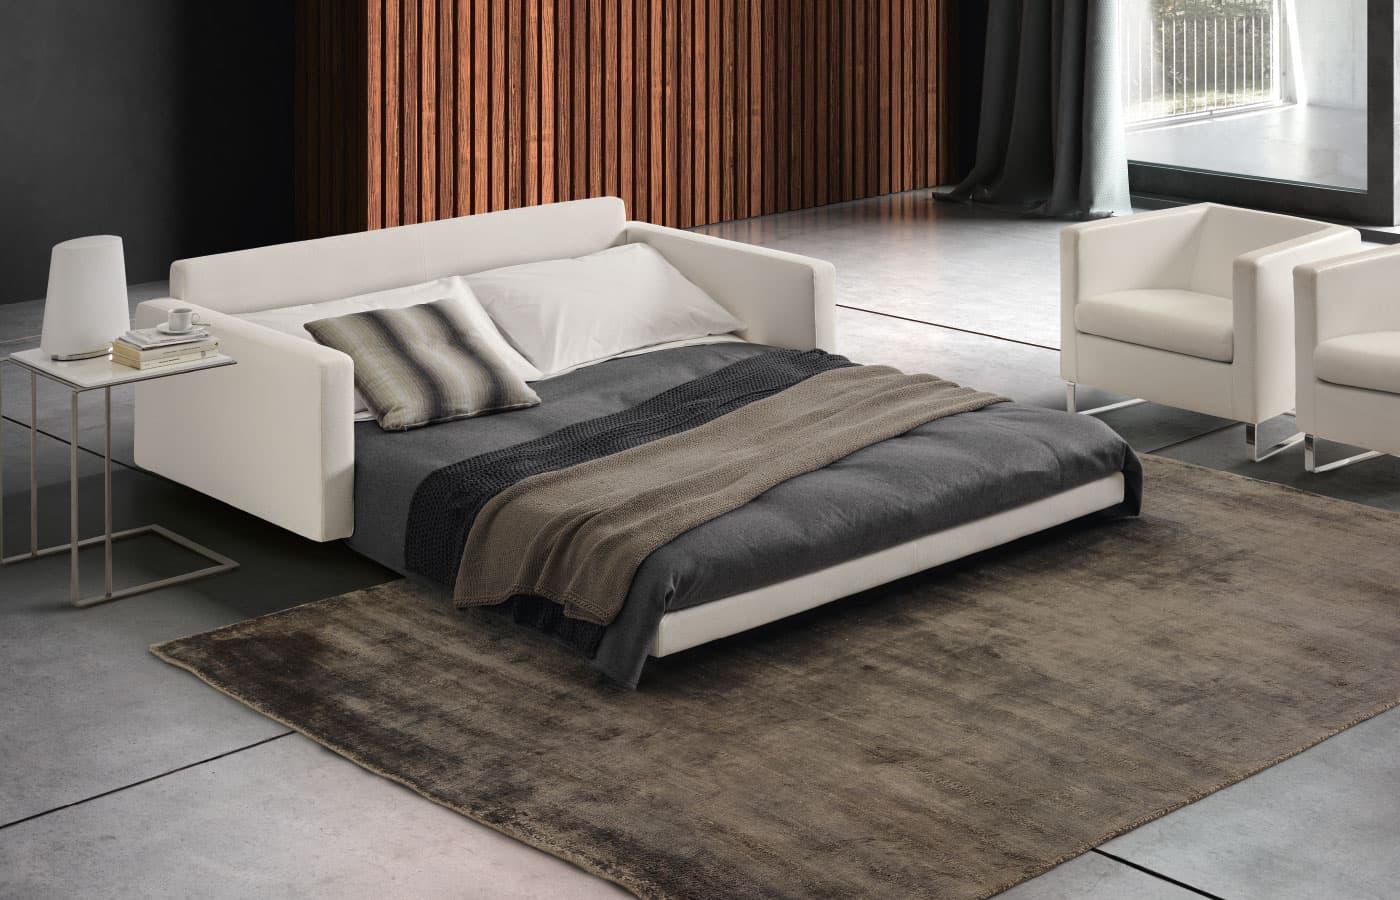 cerco divano letto mobili soggiorno milano cerco divano